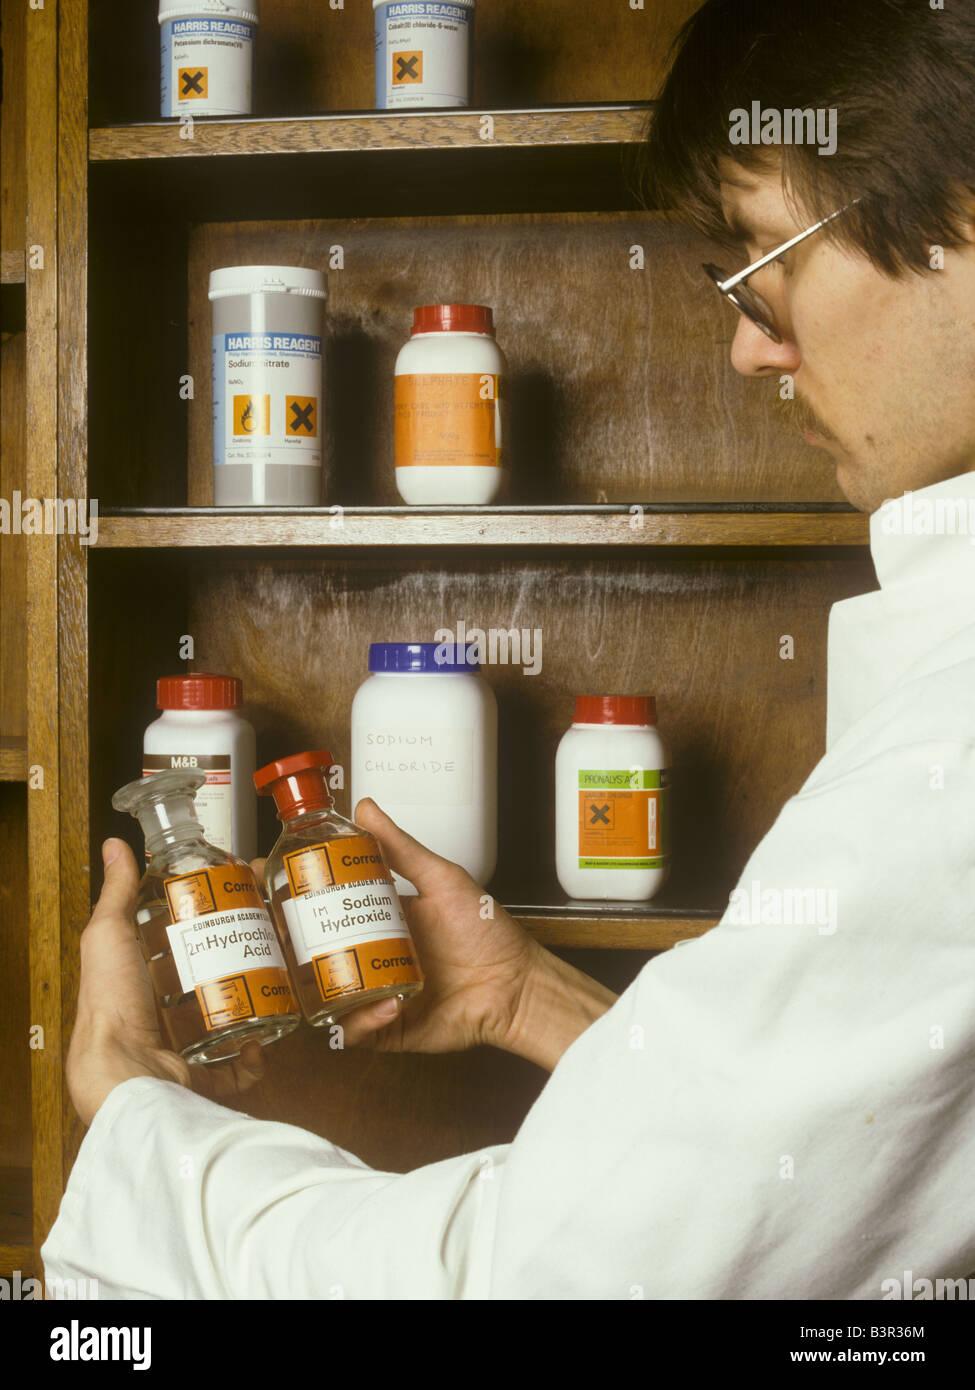 Tecnico di laboratorio può contenere bottiglie reagenti di prodotti chimici corrosivi Immagini Stock